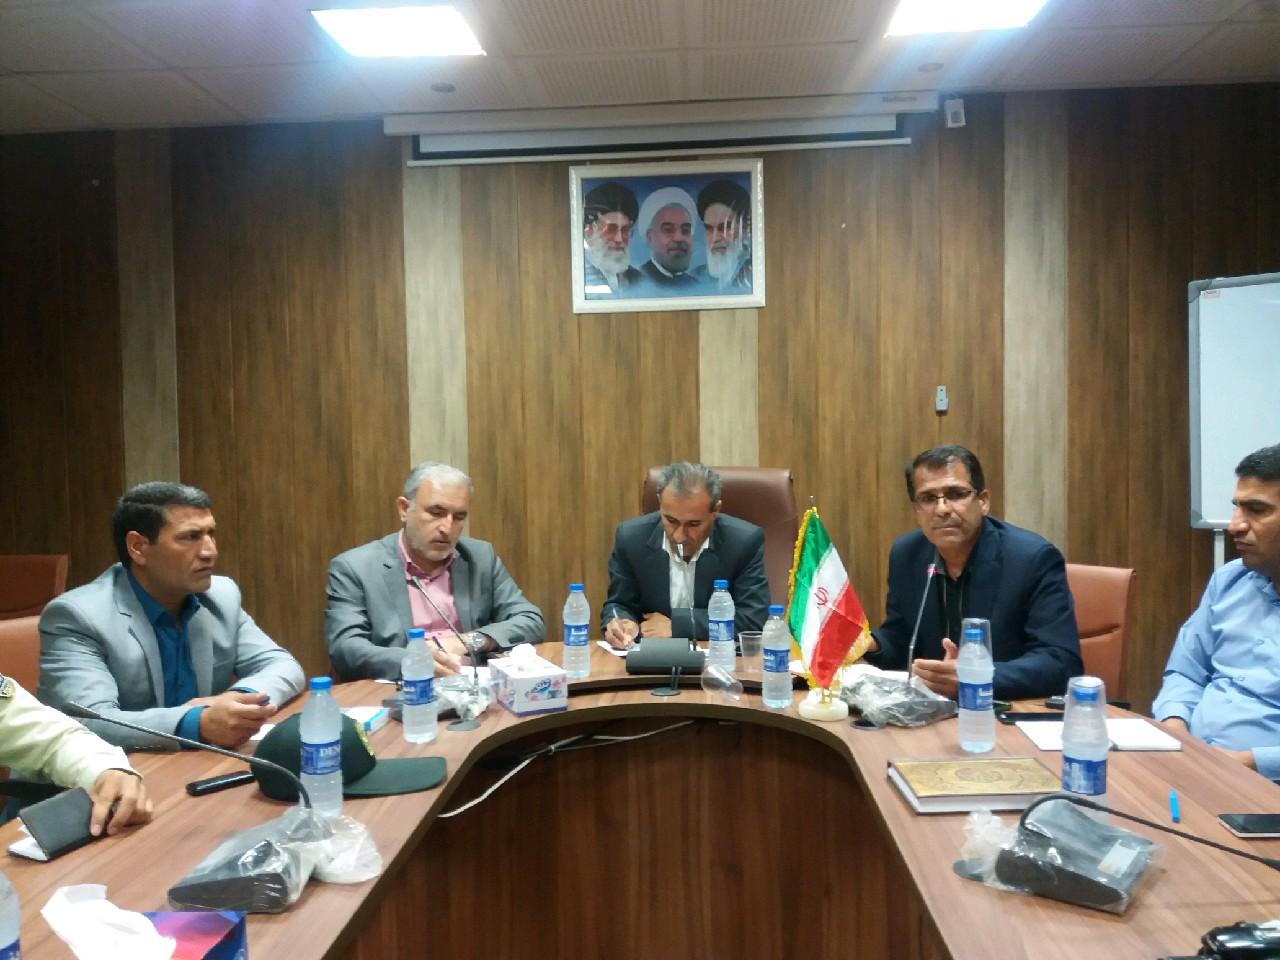 جلسه تنظیم بازار شهرستان چرام